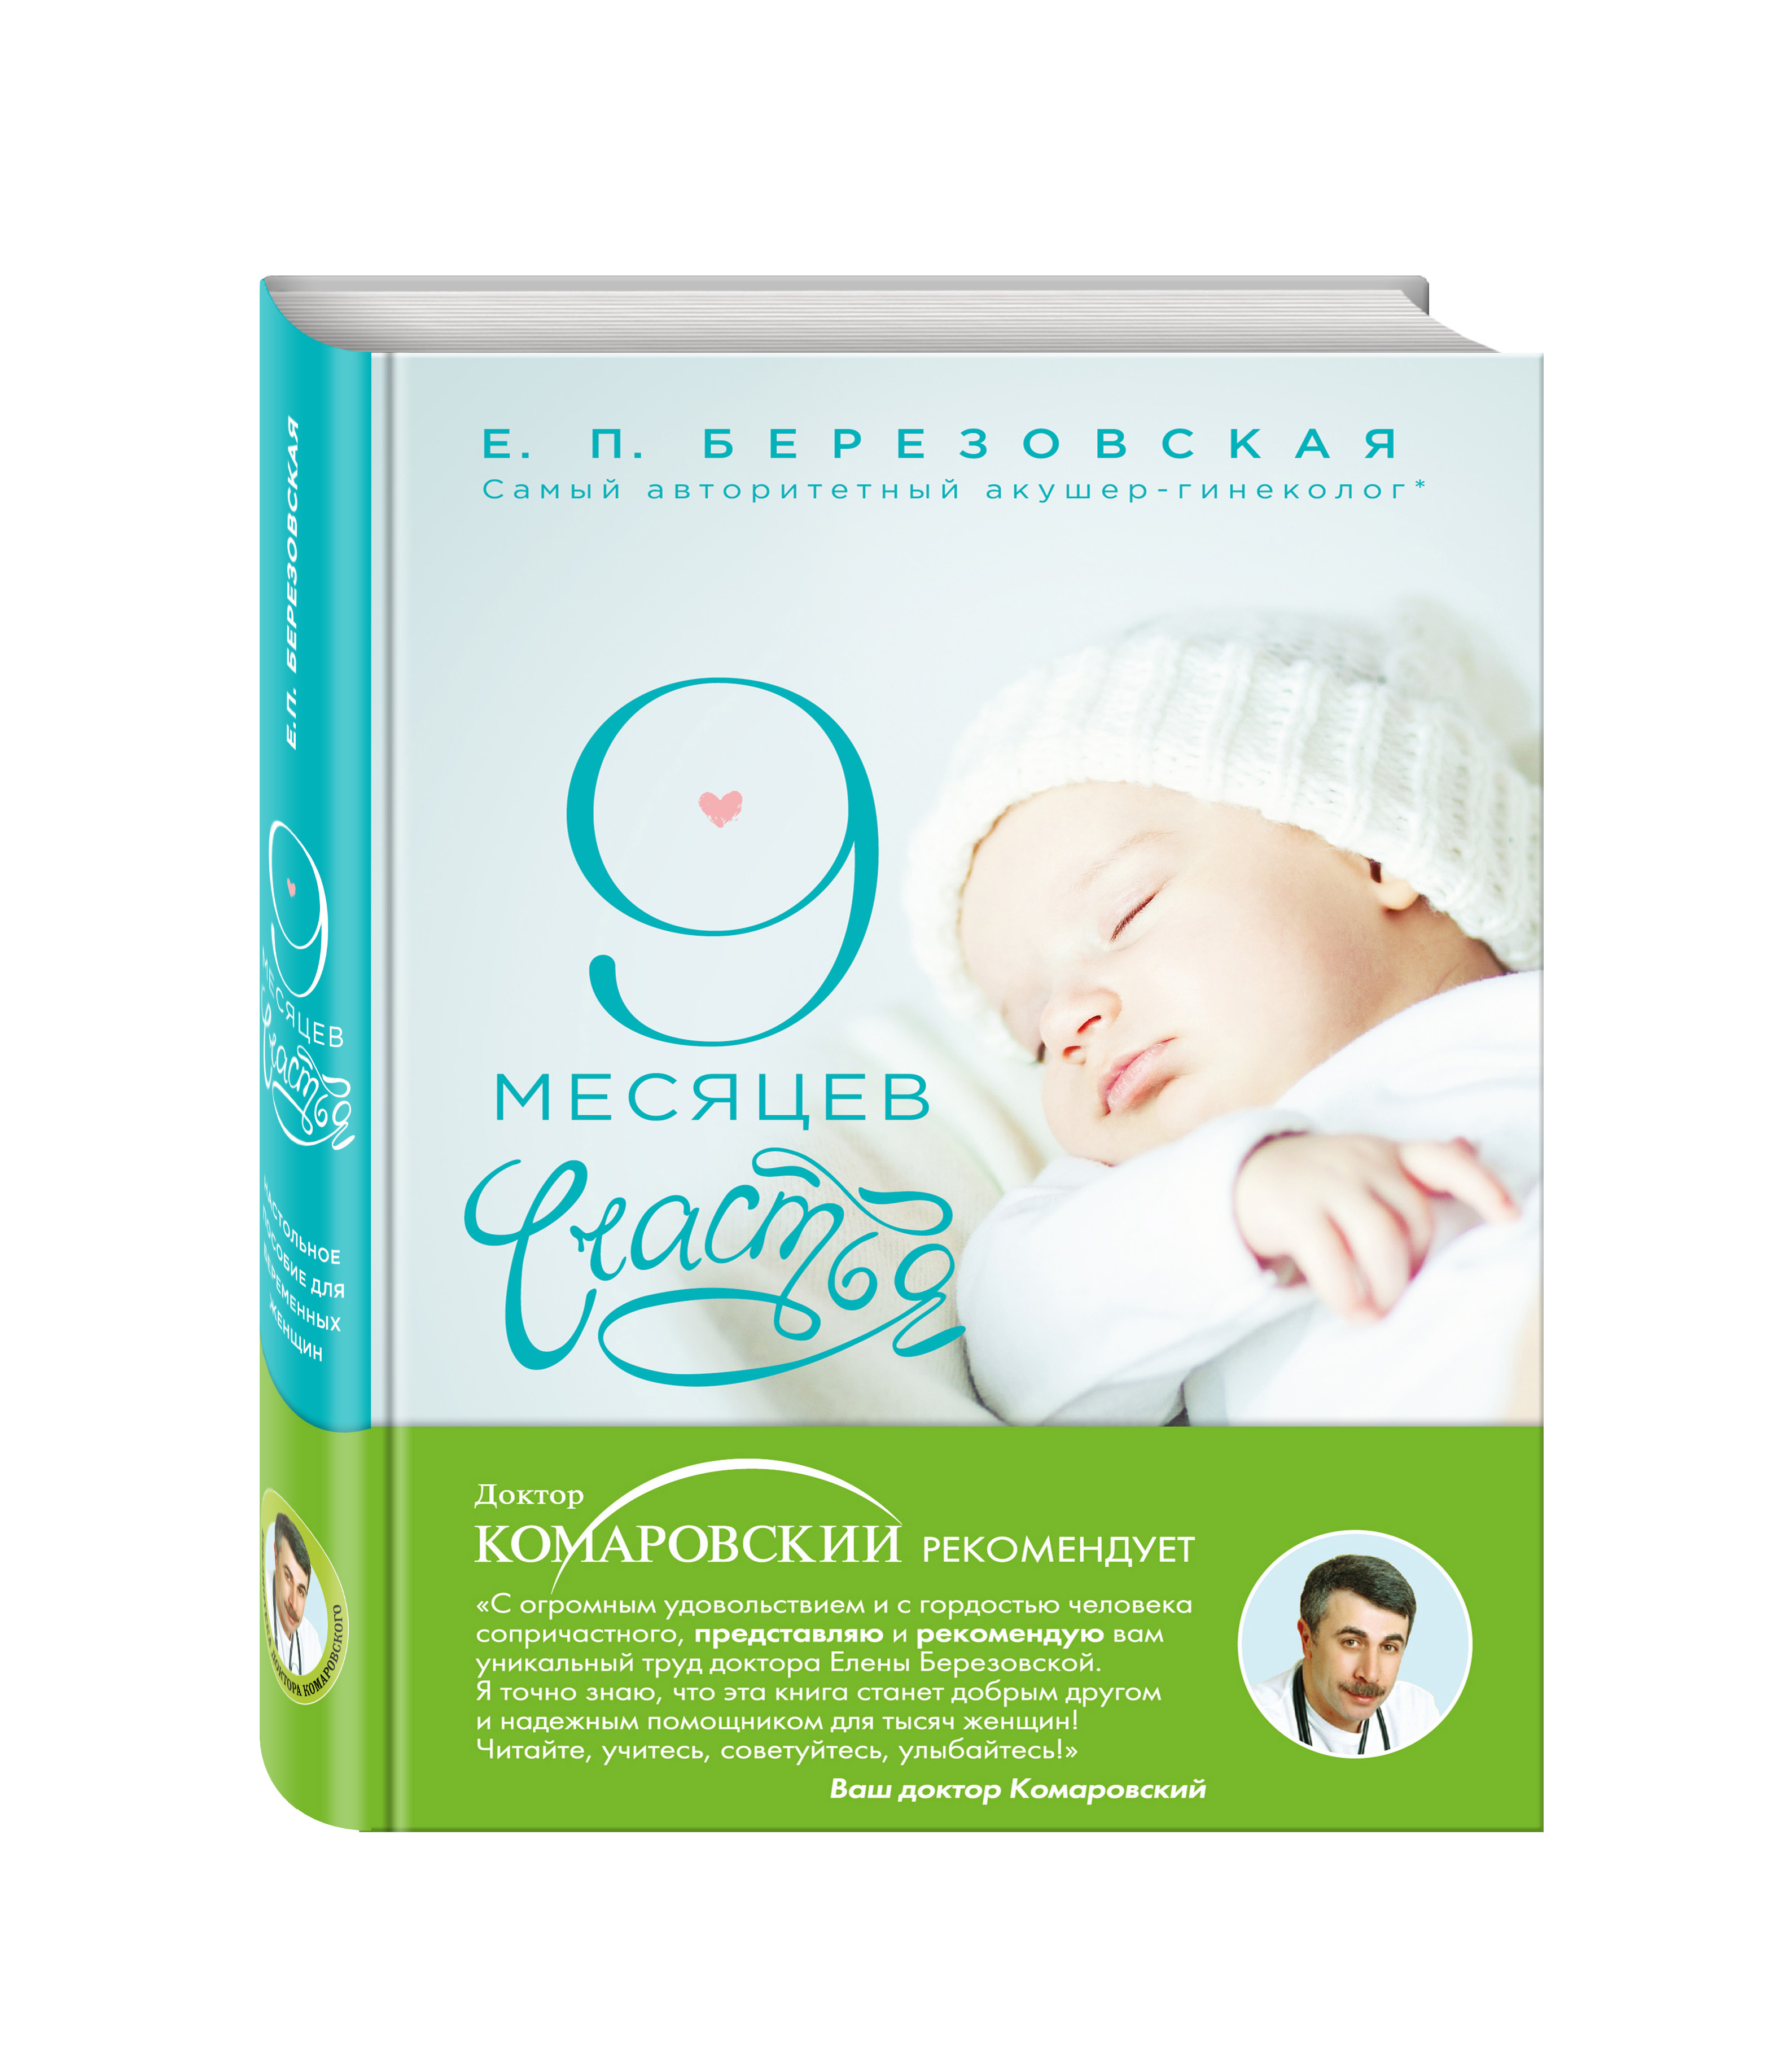 Березовская Е.П. 9 месяцев счастья. Настольное пособие для беременных женщин тест на беременность и беременность для беременных и беременных